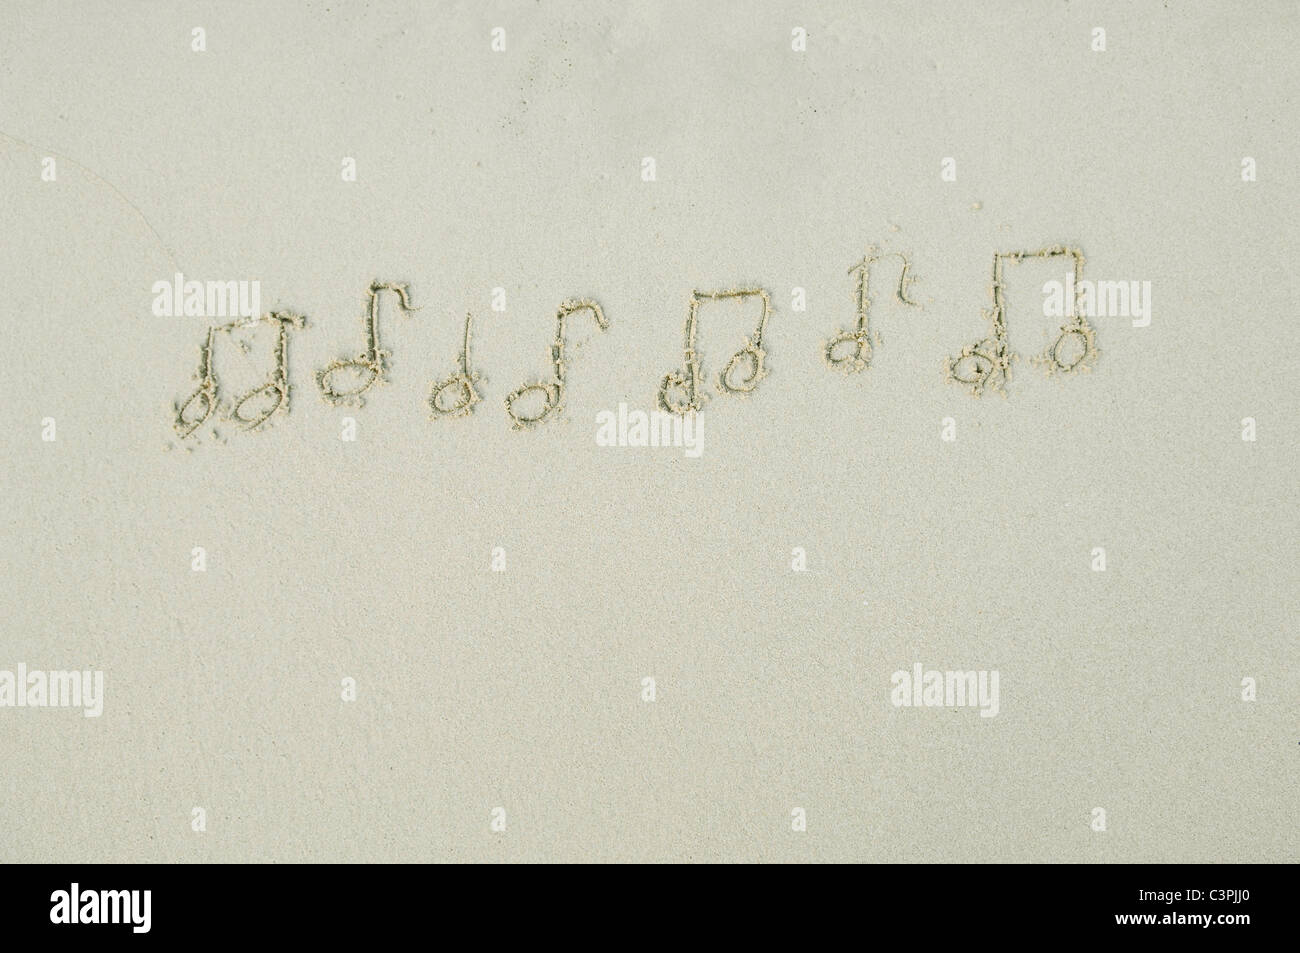 Des notes de musique dessiné dans le sable sur la plage. Photo Stock